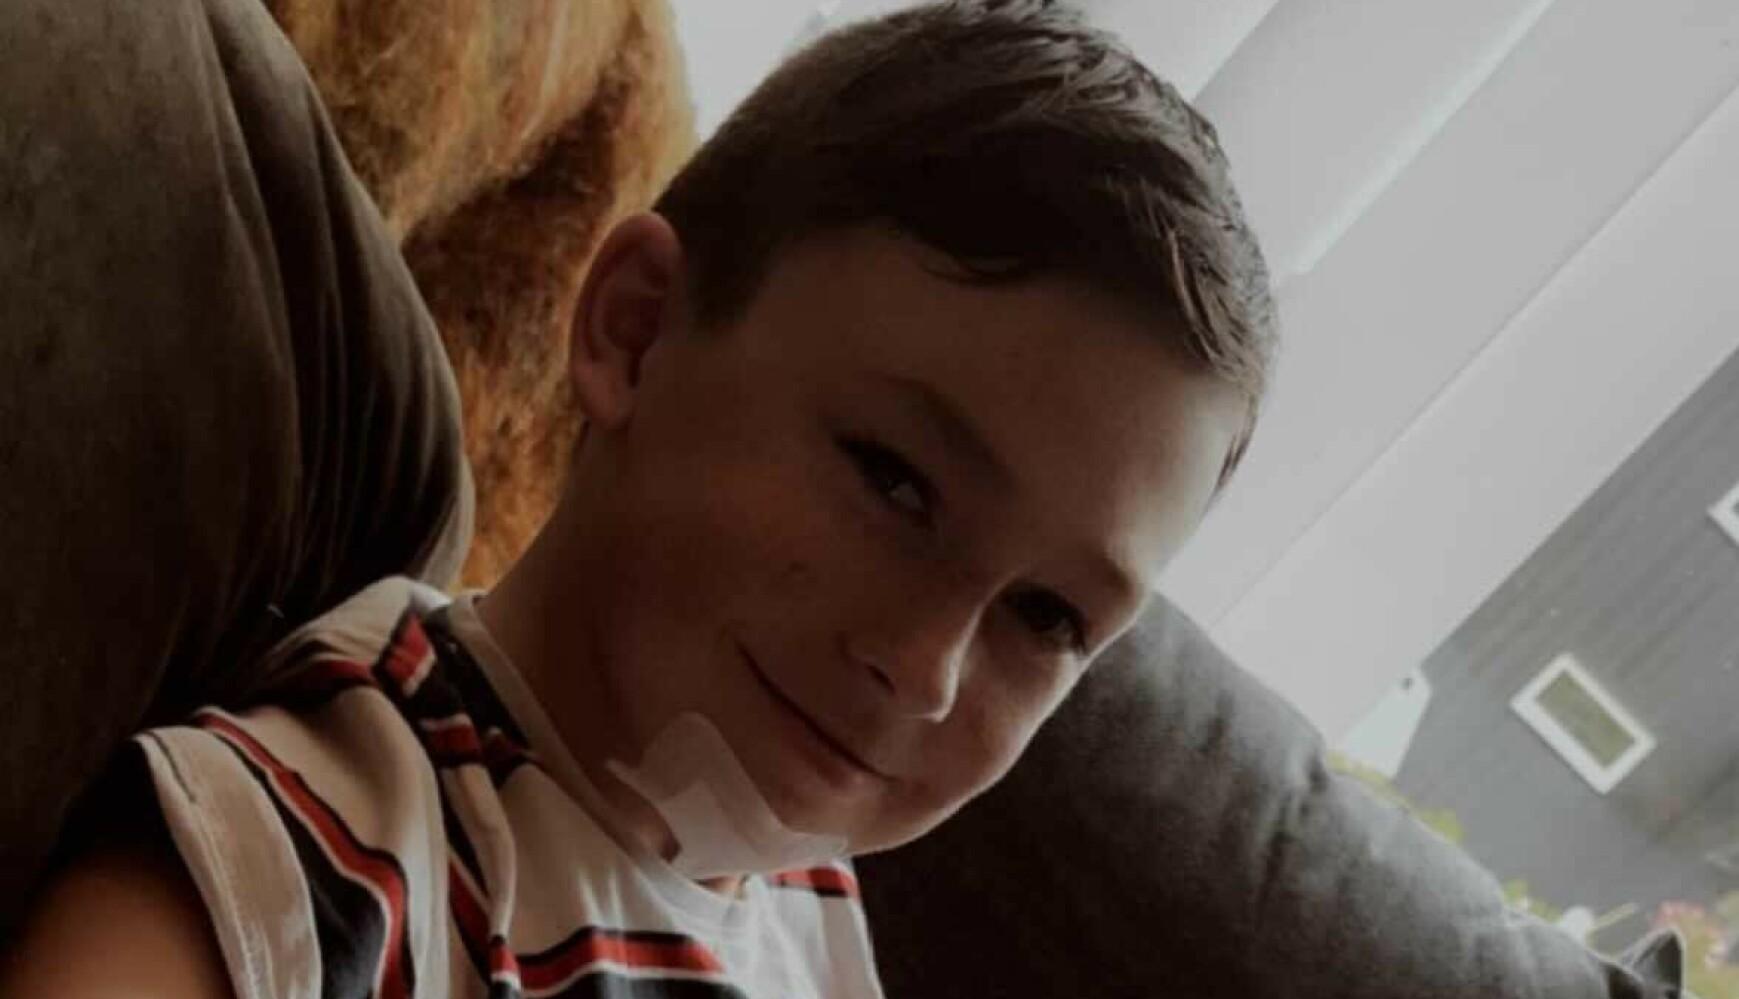 SKREVET UT: Emil (14) er skrevet ut fra sykehus, men må på kontroll på Haukeland sykehus i seks uker. Foto: Privat